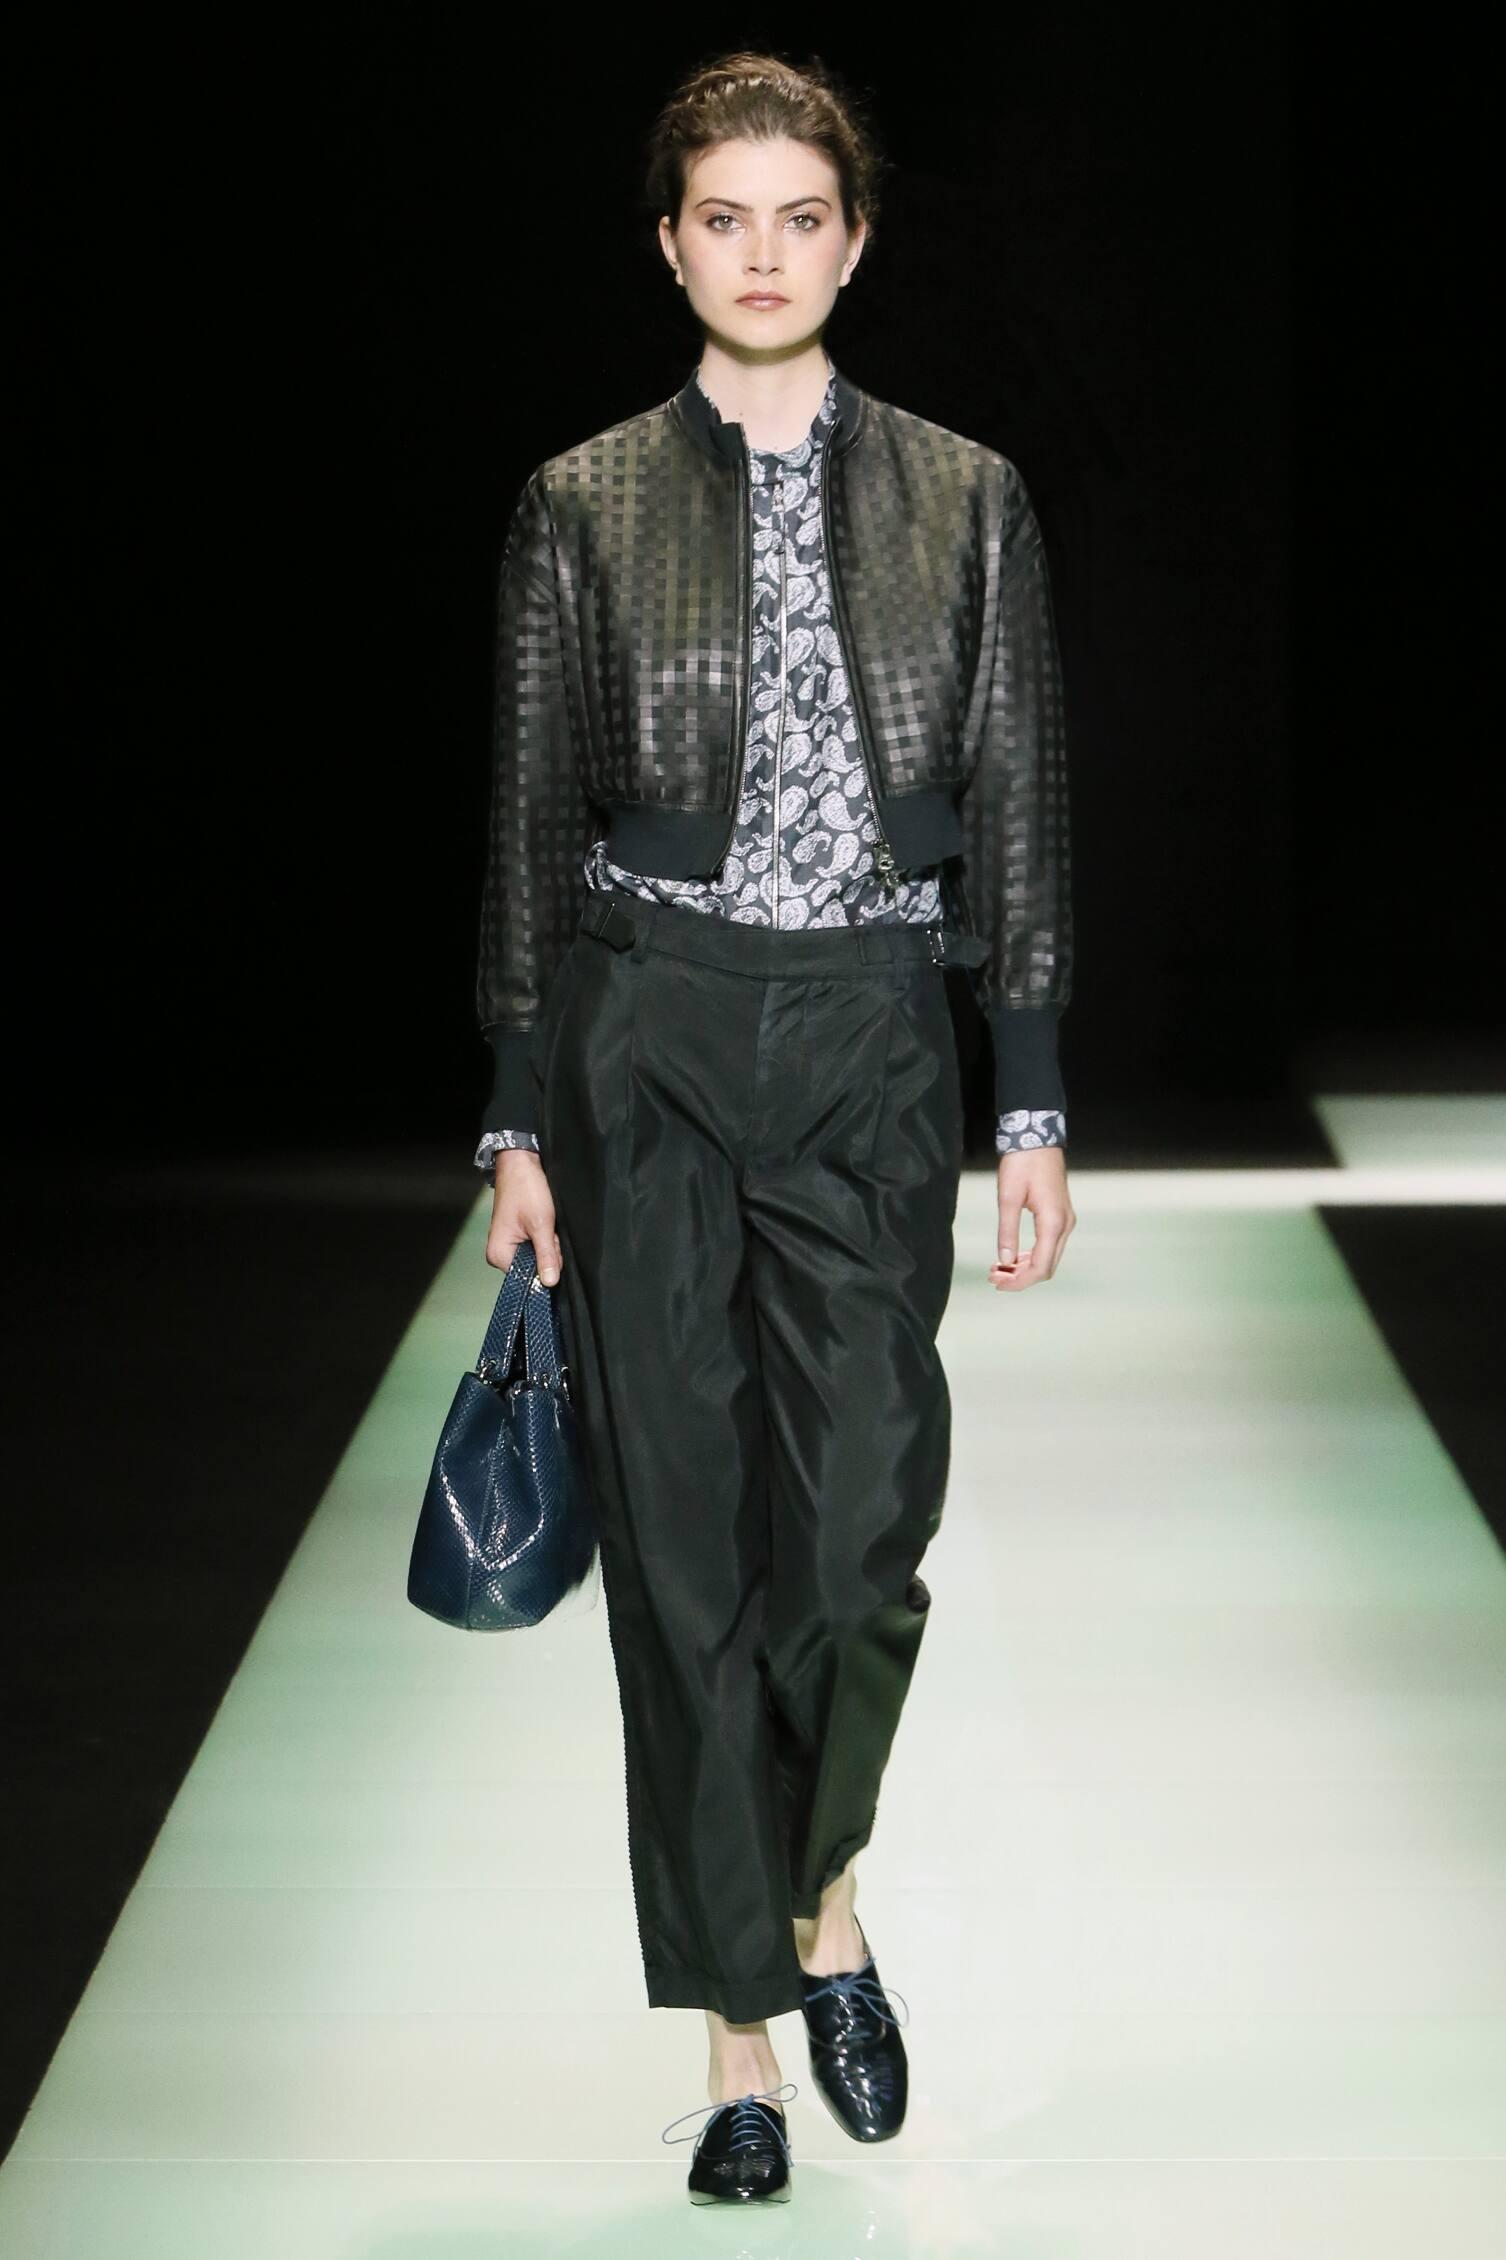 Emporio Armani Fashion Show